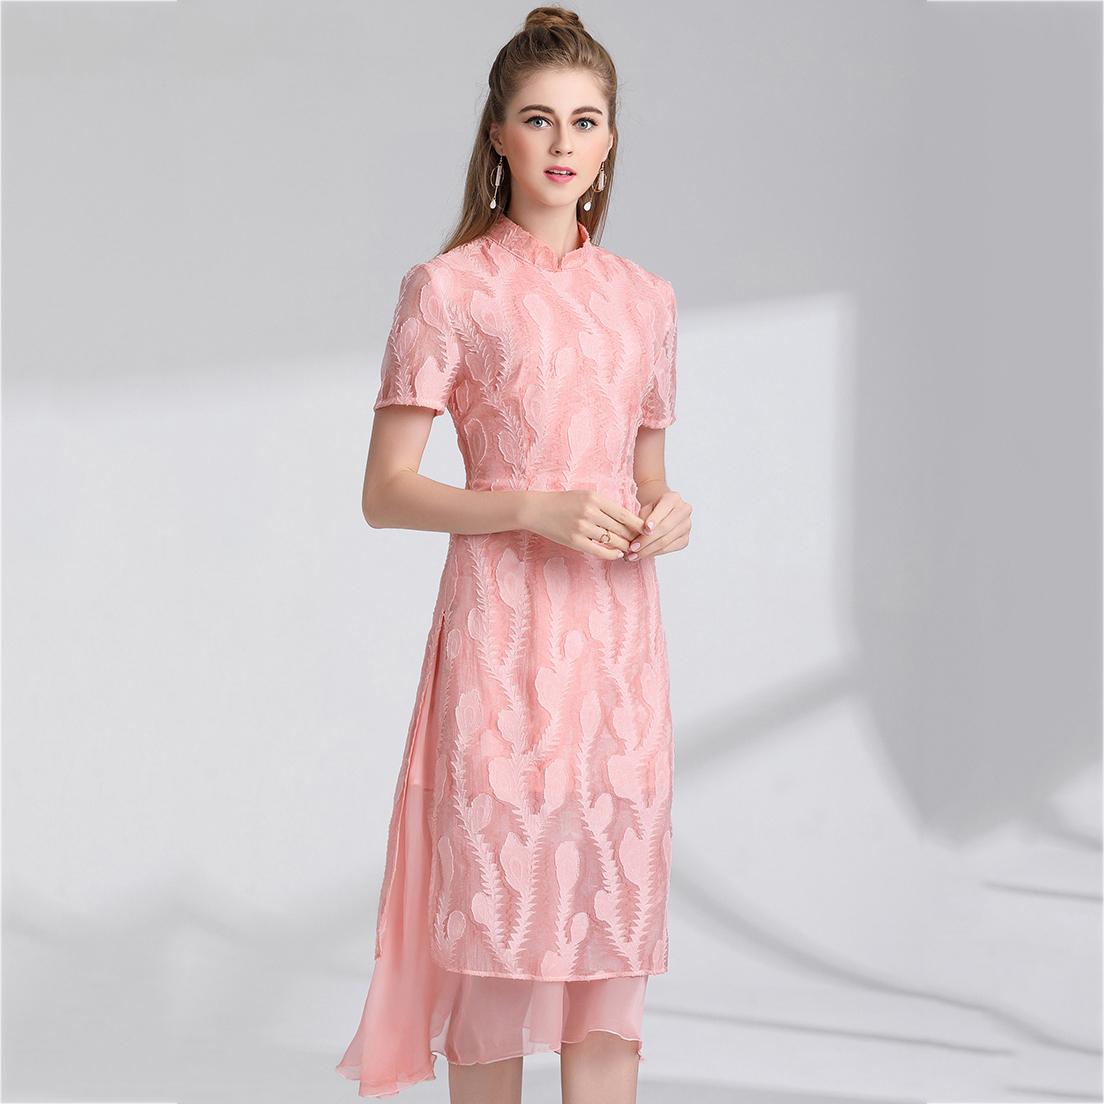 ชุดเดรสแซกยาวสีชมพูสไตล์ชุดกี่เพ้า สีหวานลุคสวยเก๋ (พร้อมส่ง)